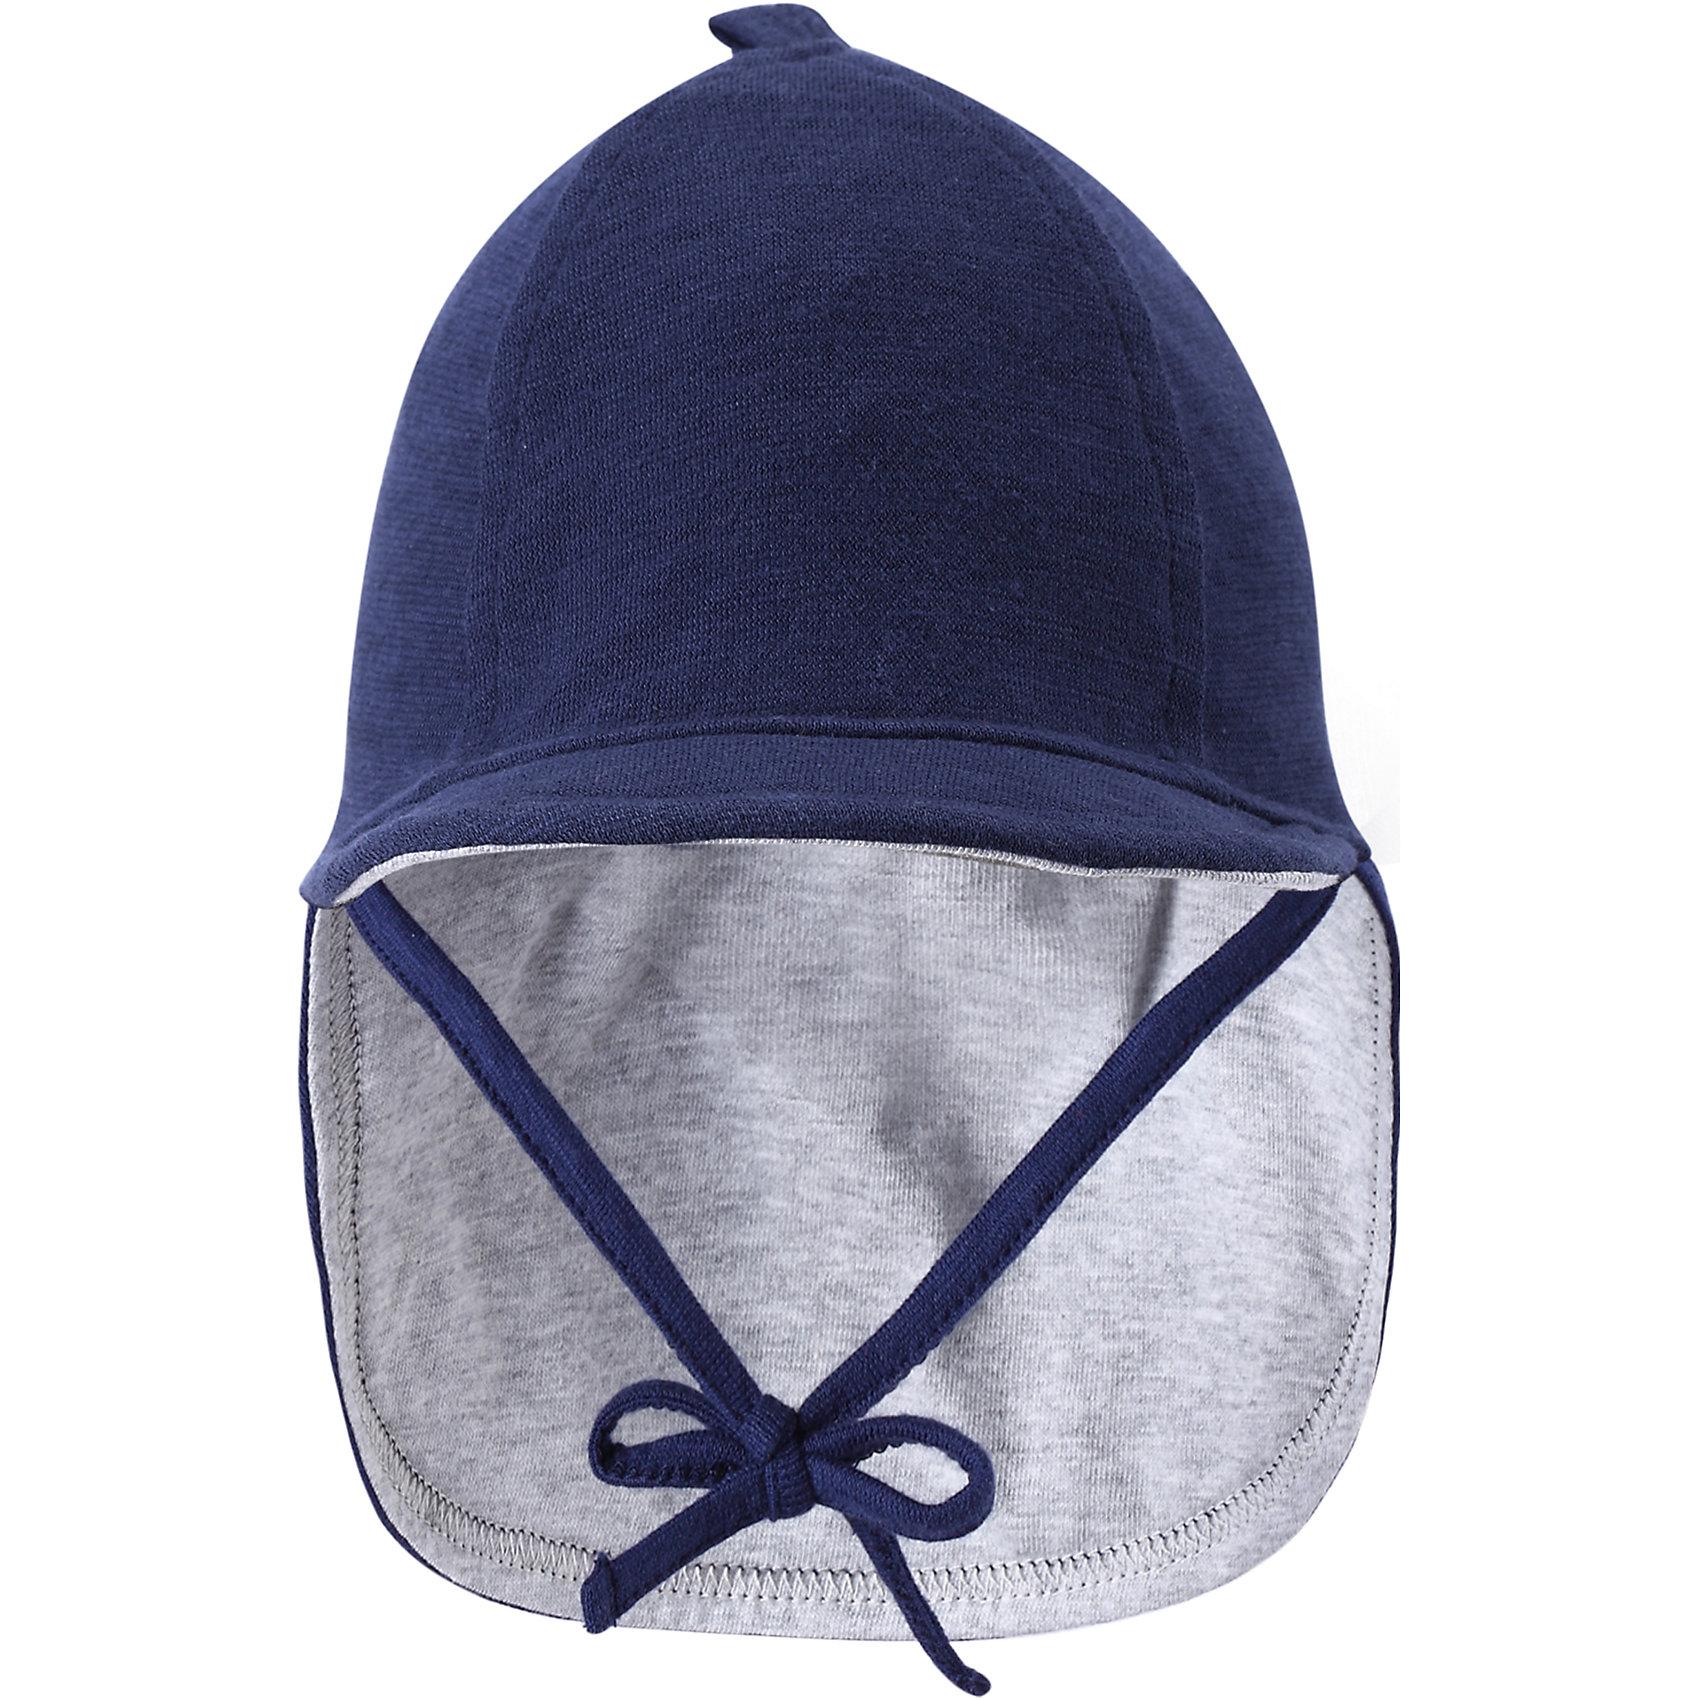 Шапка  ReimaШапки и шарфы<br>А вот и солнце! Защитите личико и шею младенца от негативного воздействия ультрафиолетовых лучей с помощью классической солнцезащитной шляпы Sunproof.<br><br>Шапку  Reima (Рейма) можно купить в нашем магазине.<br><br>Ширина мм: 89<br>Глубина мм: 117<br>Высота мм: 44<br>Вес г: 155<br>Цвет: синий<br>Возраст от месяцев: 4<br>Возраст до месяцев: 6<br>Пол: Мужской<br>Возраст: Детский<br>Размер: 44,40,36<br>SKU: 4566053